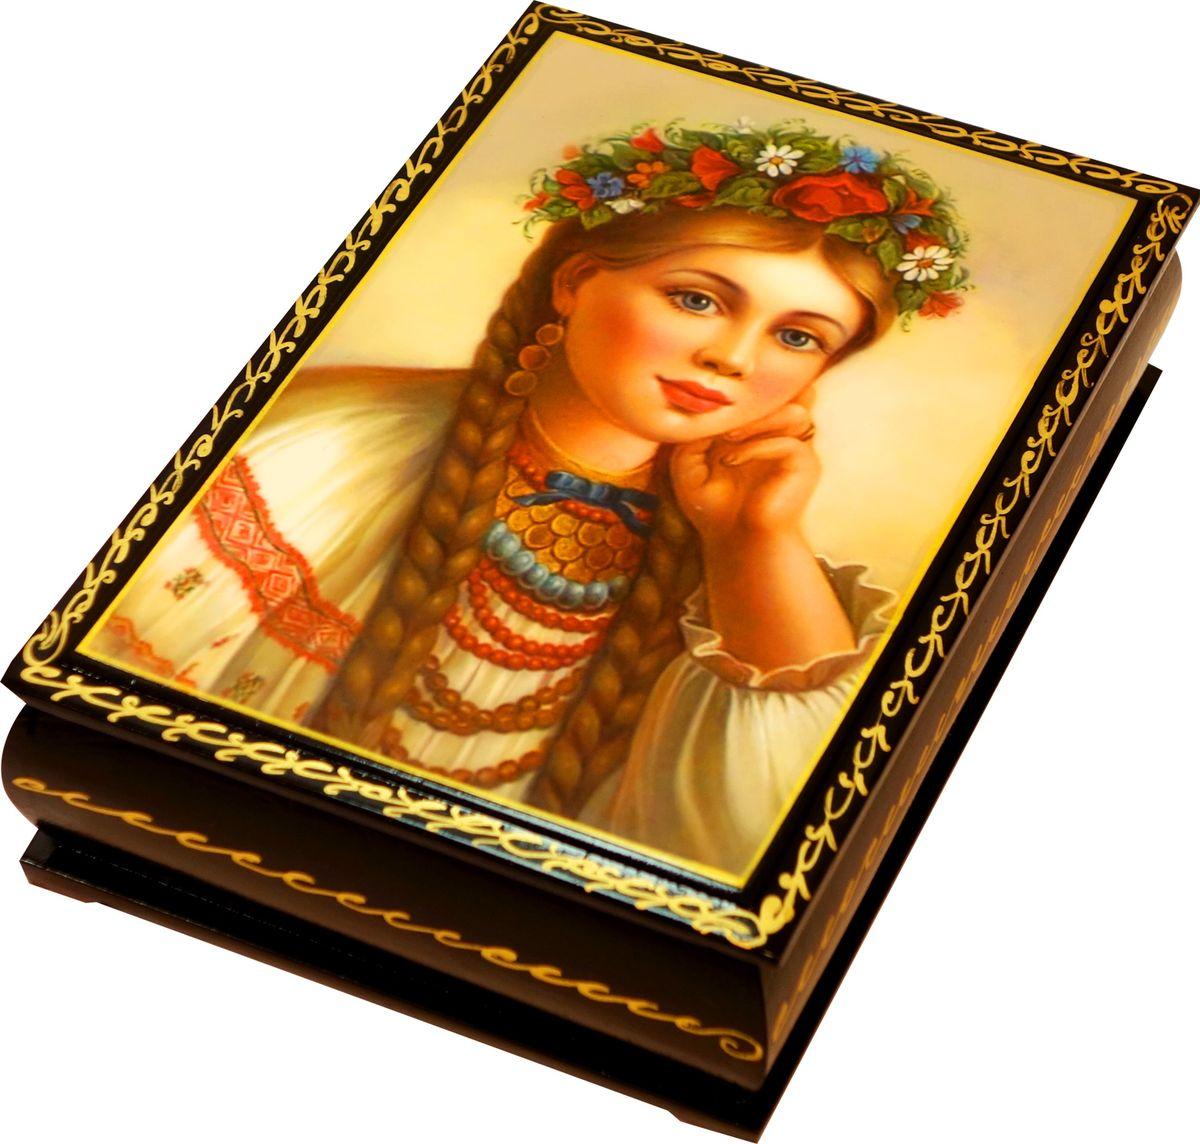 Кремлина Девушка в венке чернослив шоколадный с грецким орехом конфеты, 150 г шоколадный слиток молочный десертный 500 г